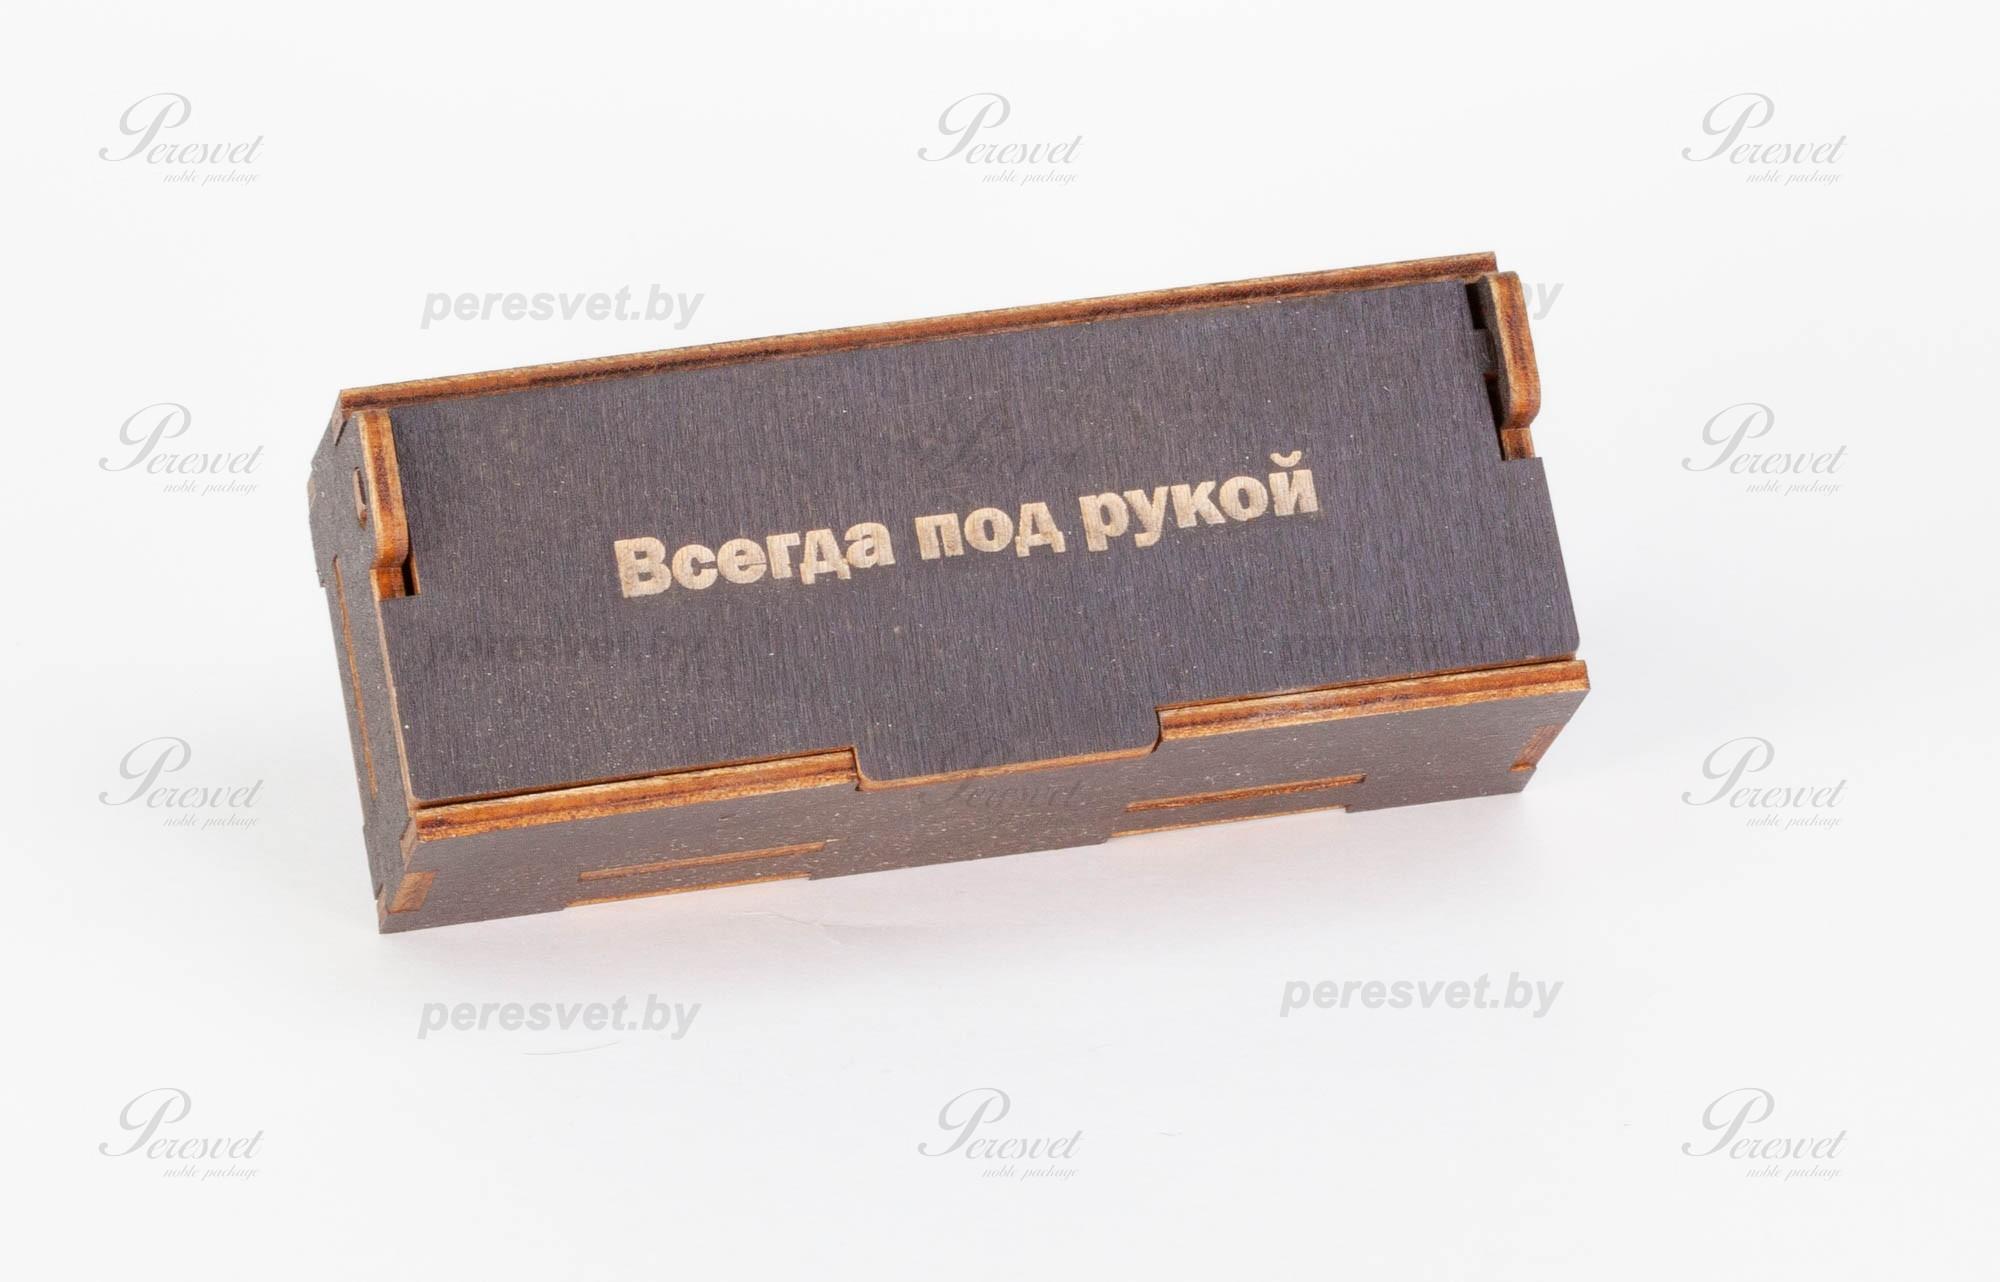 """Подарочный набор камней для виски """"Всегда под рукой"""" на peresvet.by"""